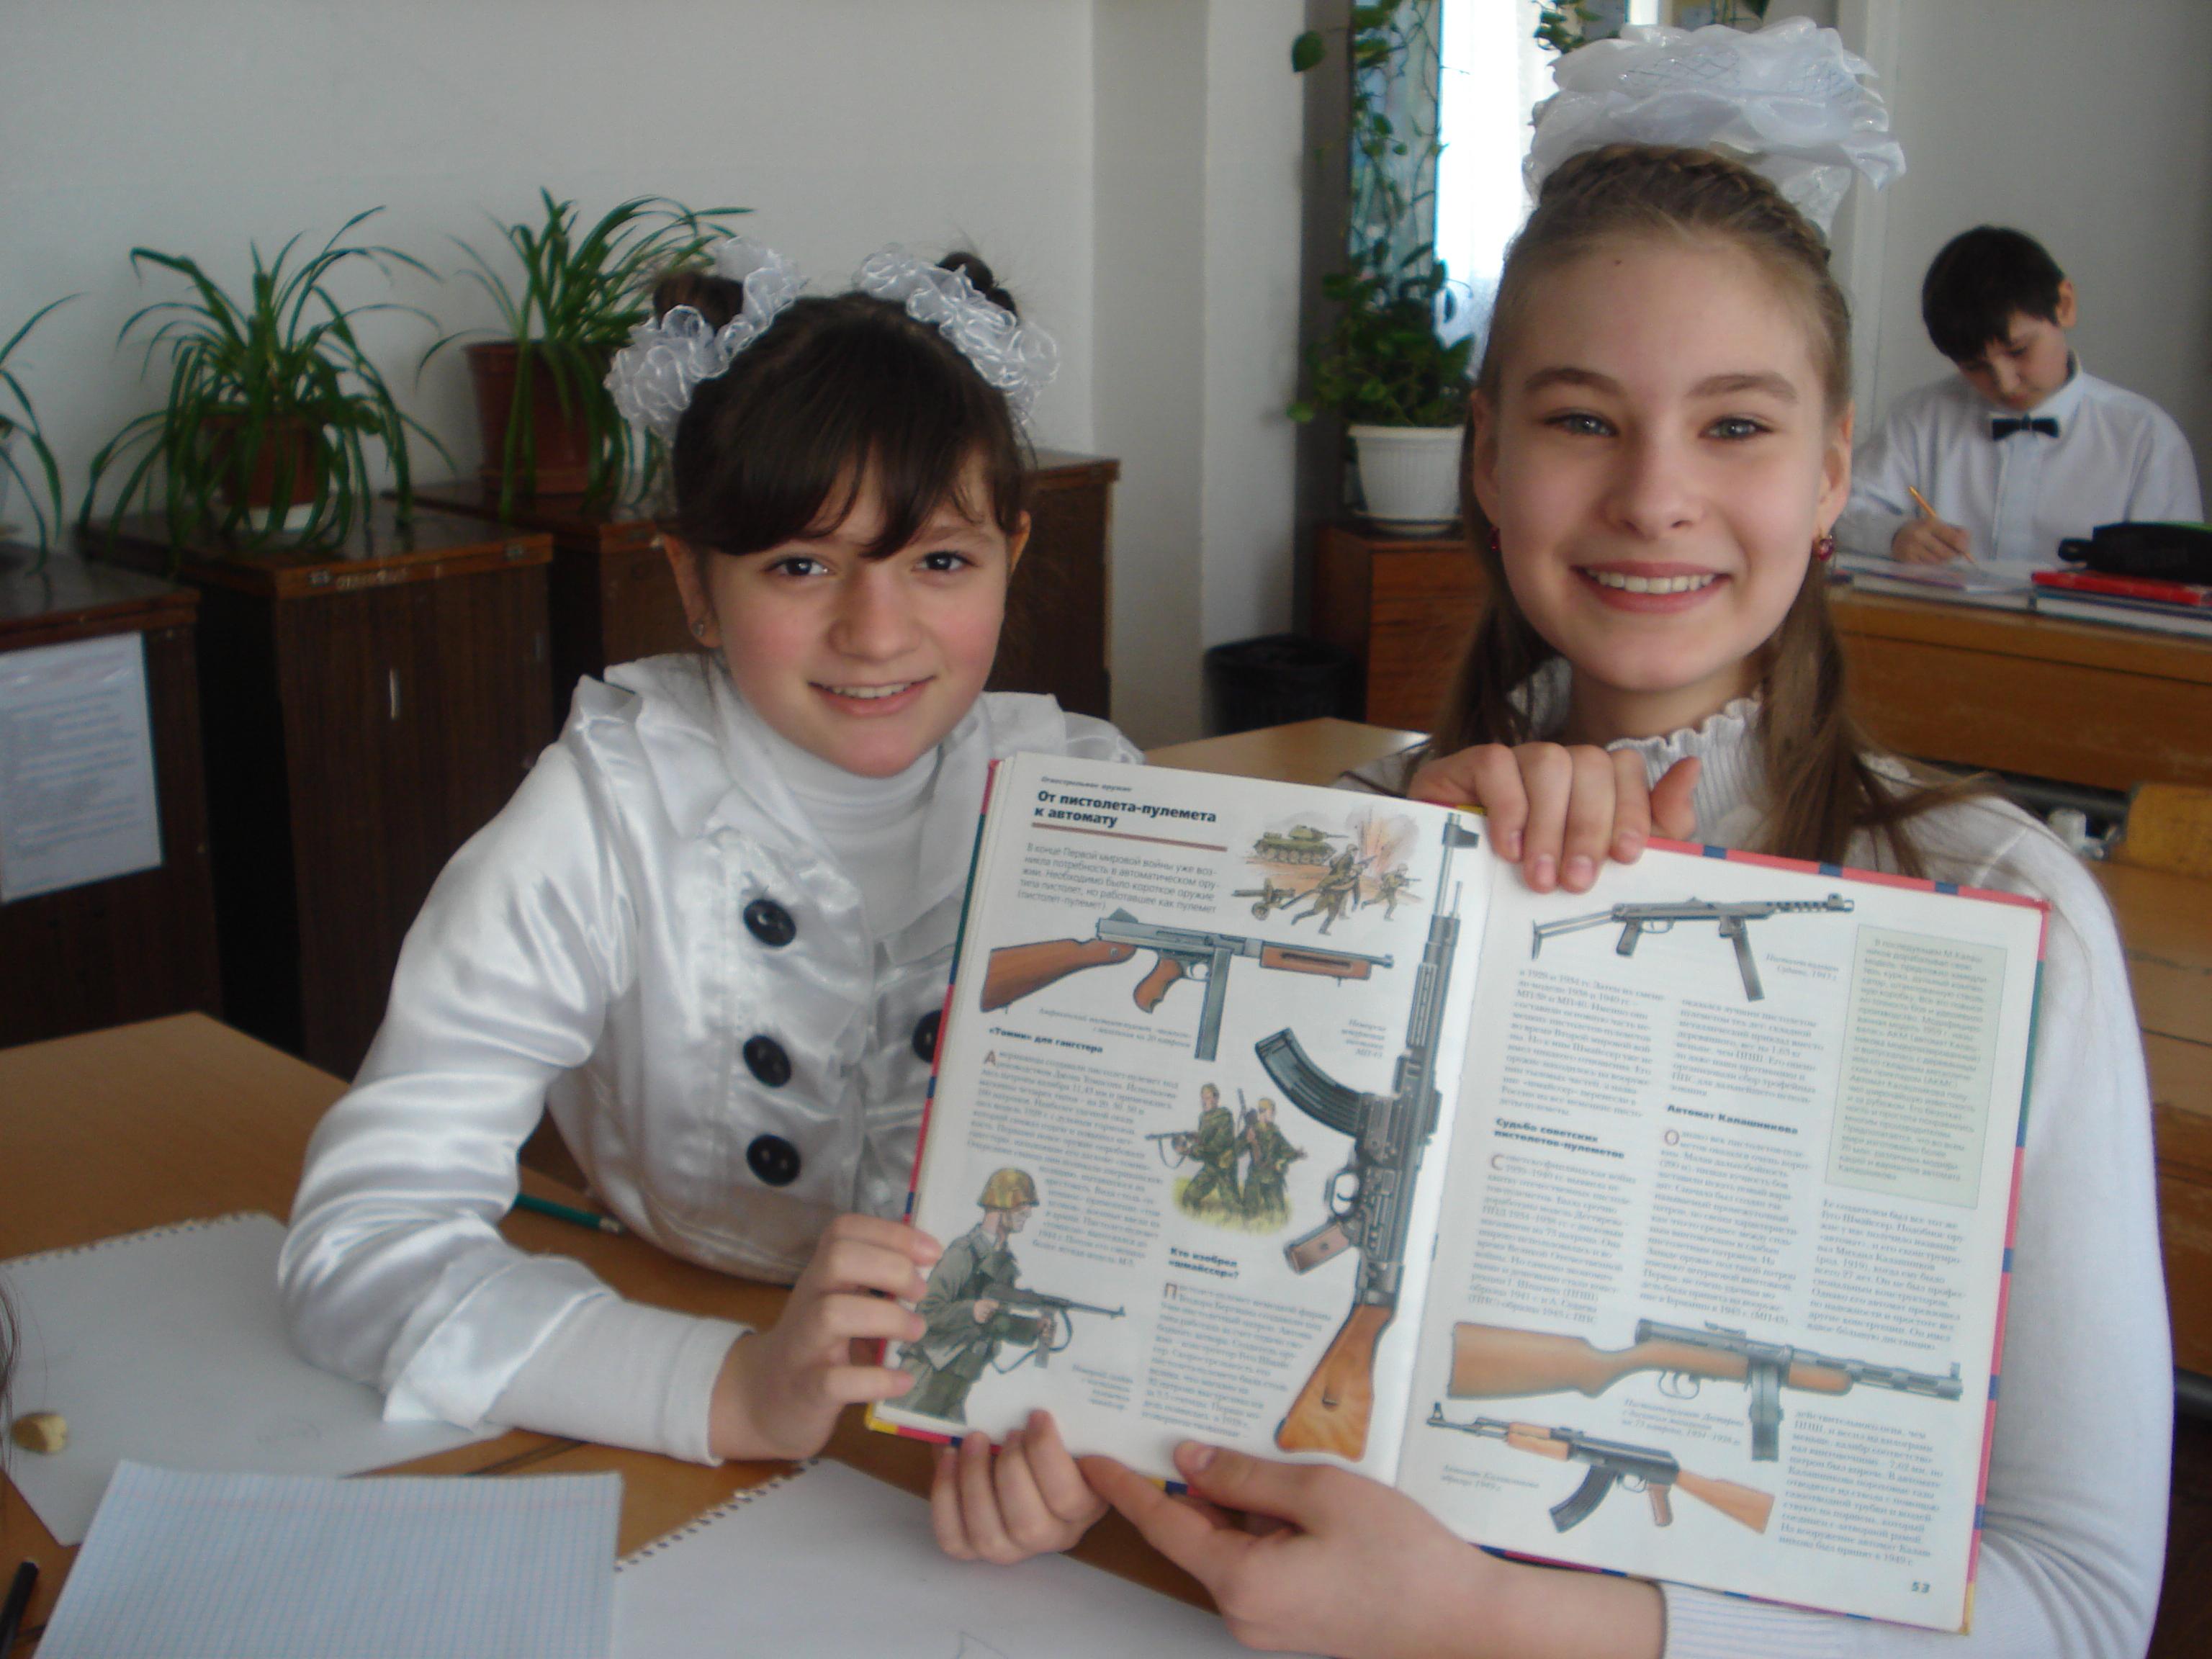 поле русской славы, донецкая республиканская библиотека для детей, отдел обслуживания учащихся 5-9 классов, урок истории, занятия с детьми